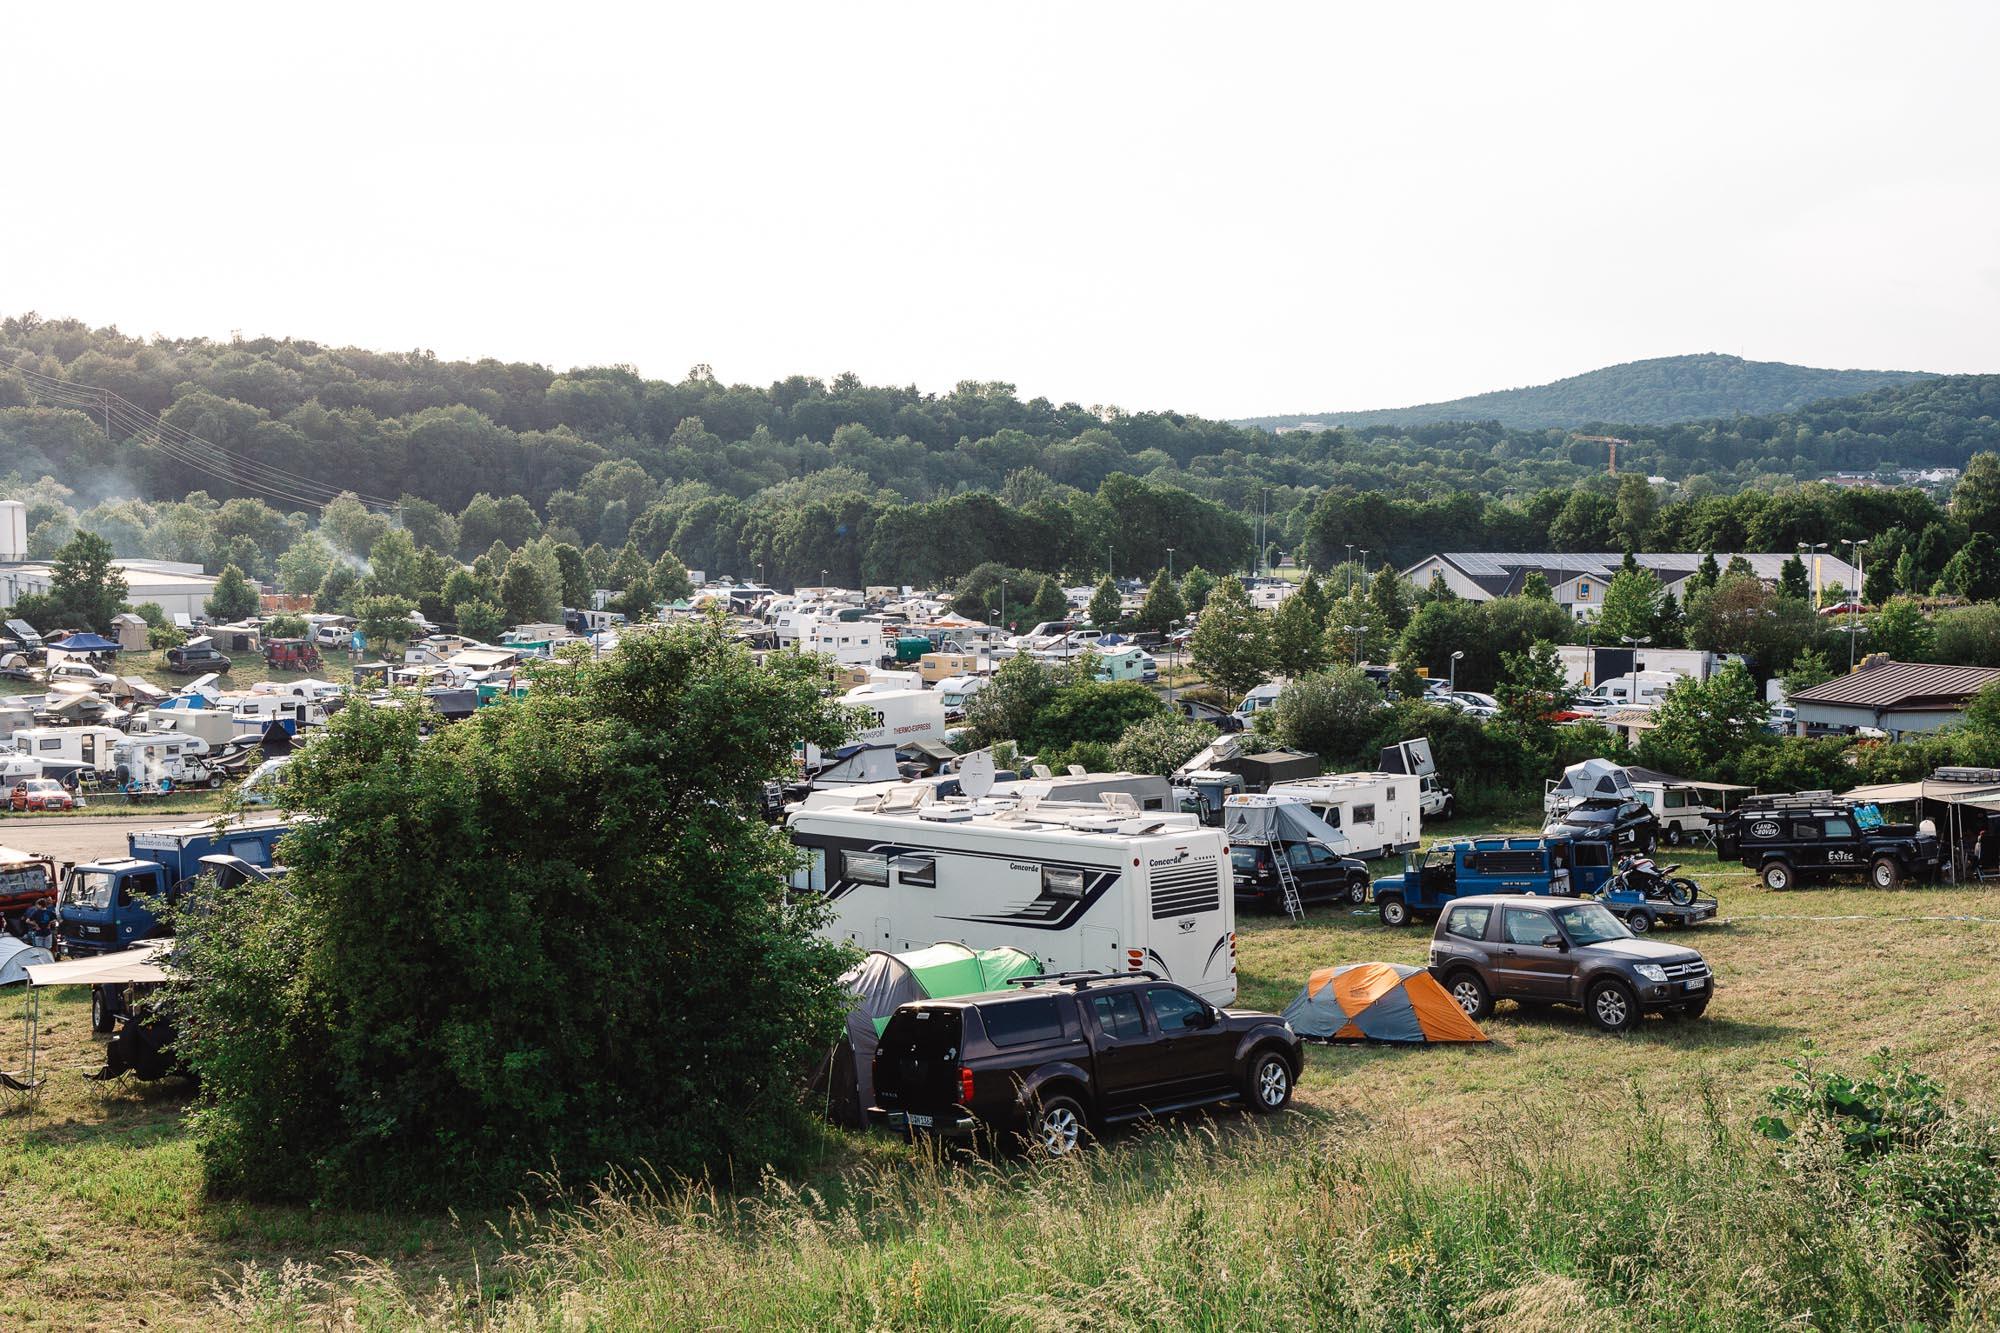 Ein kleiner Teil der CAMP AREA.